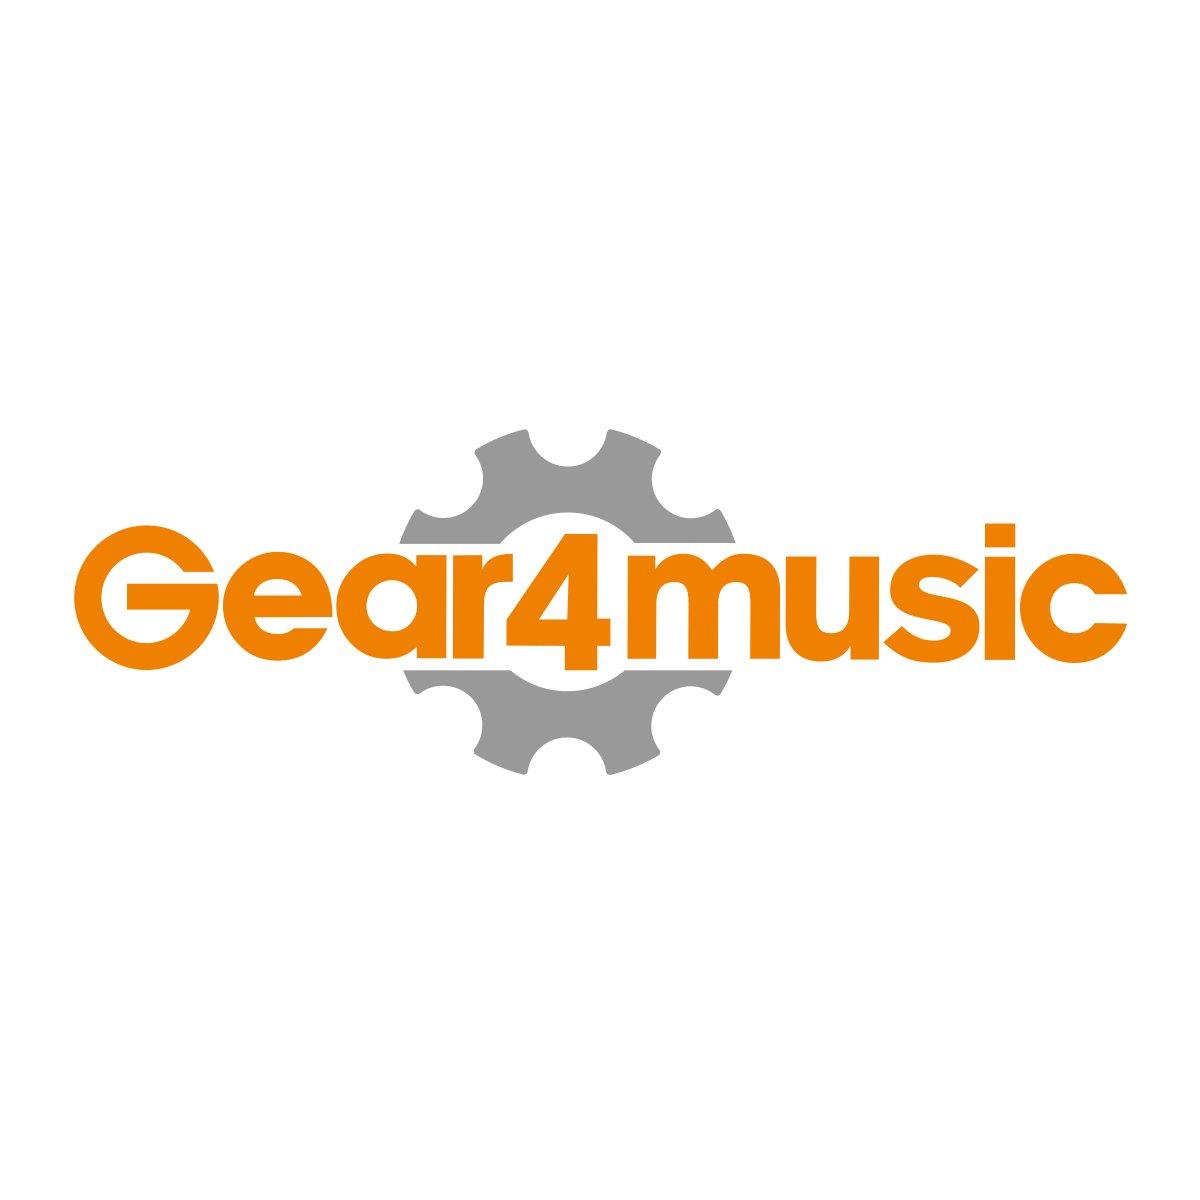 Chitarra elettrica New Jersey per mancini Gear4music, nera